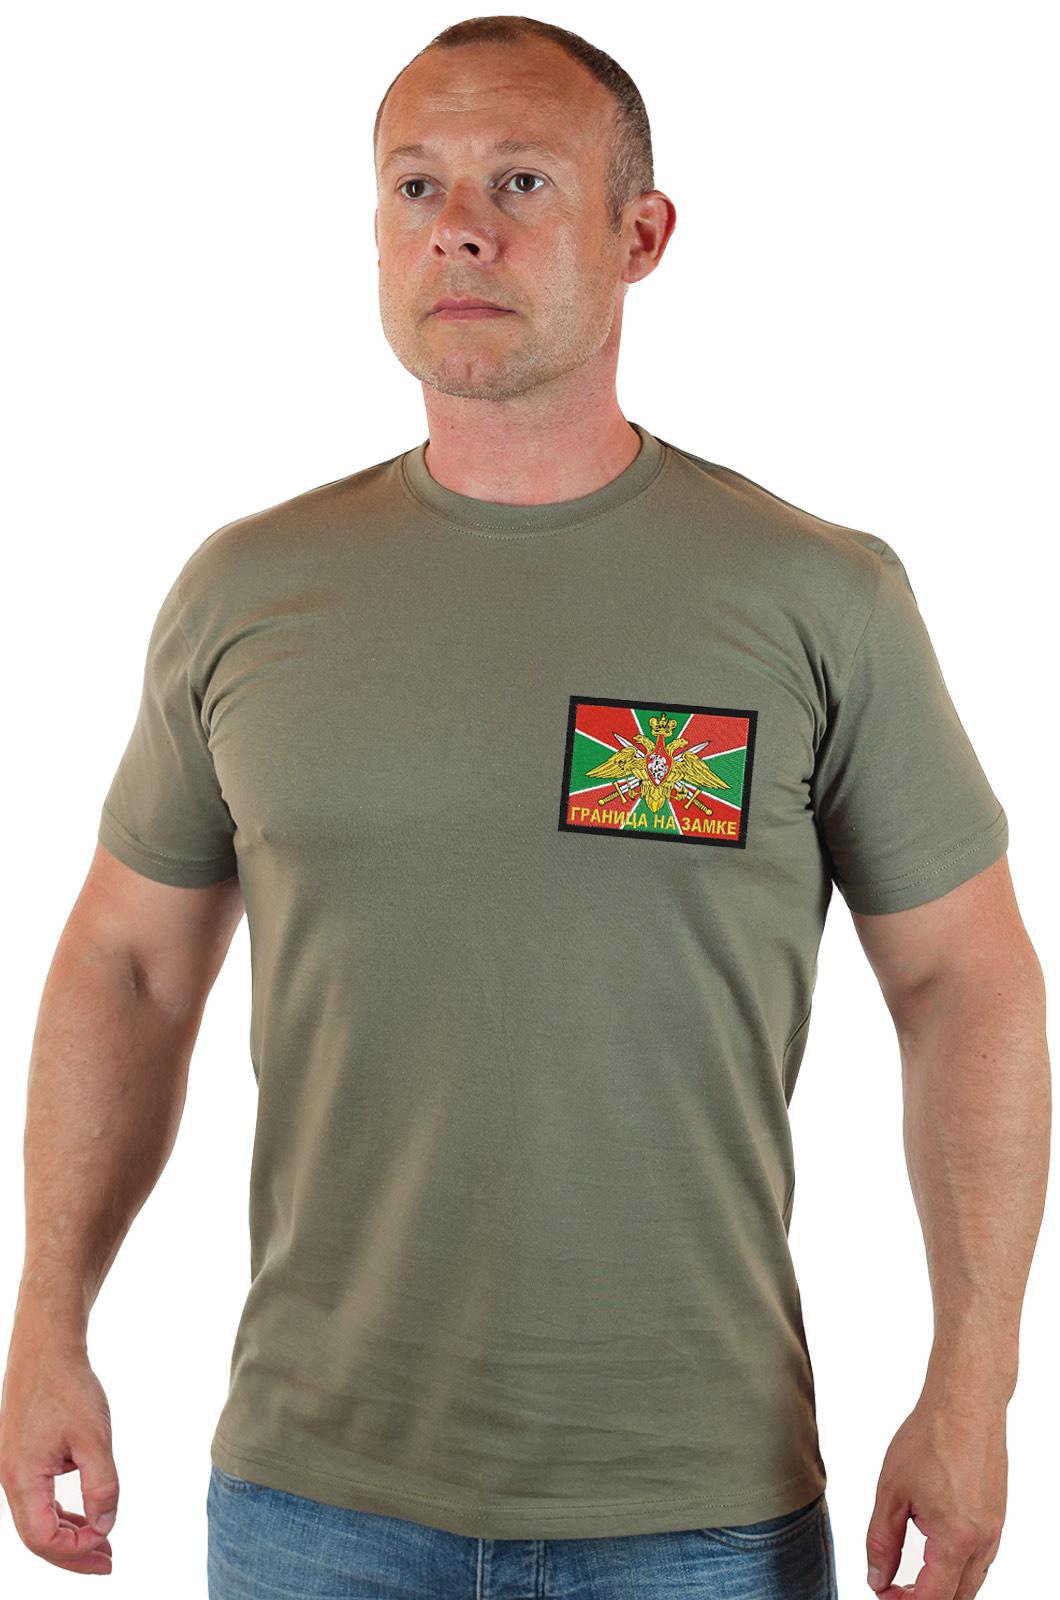 Мужская футболка в подарок пограничнику